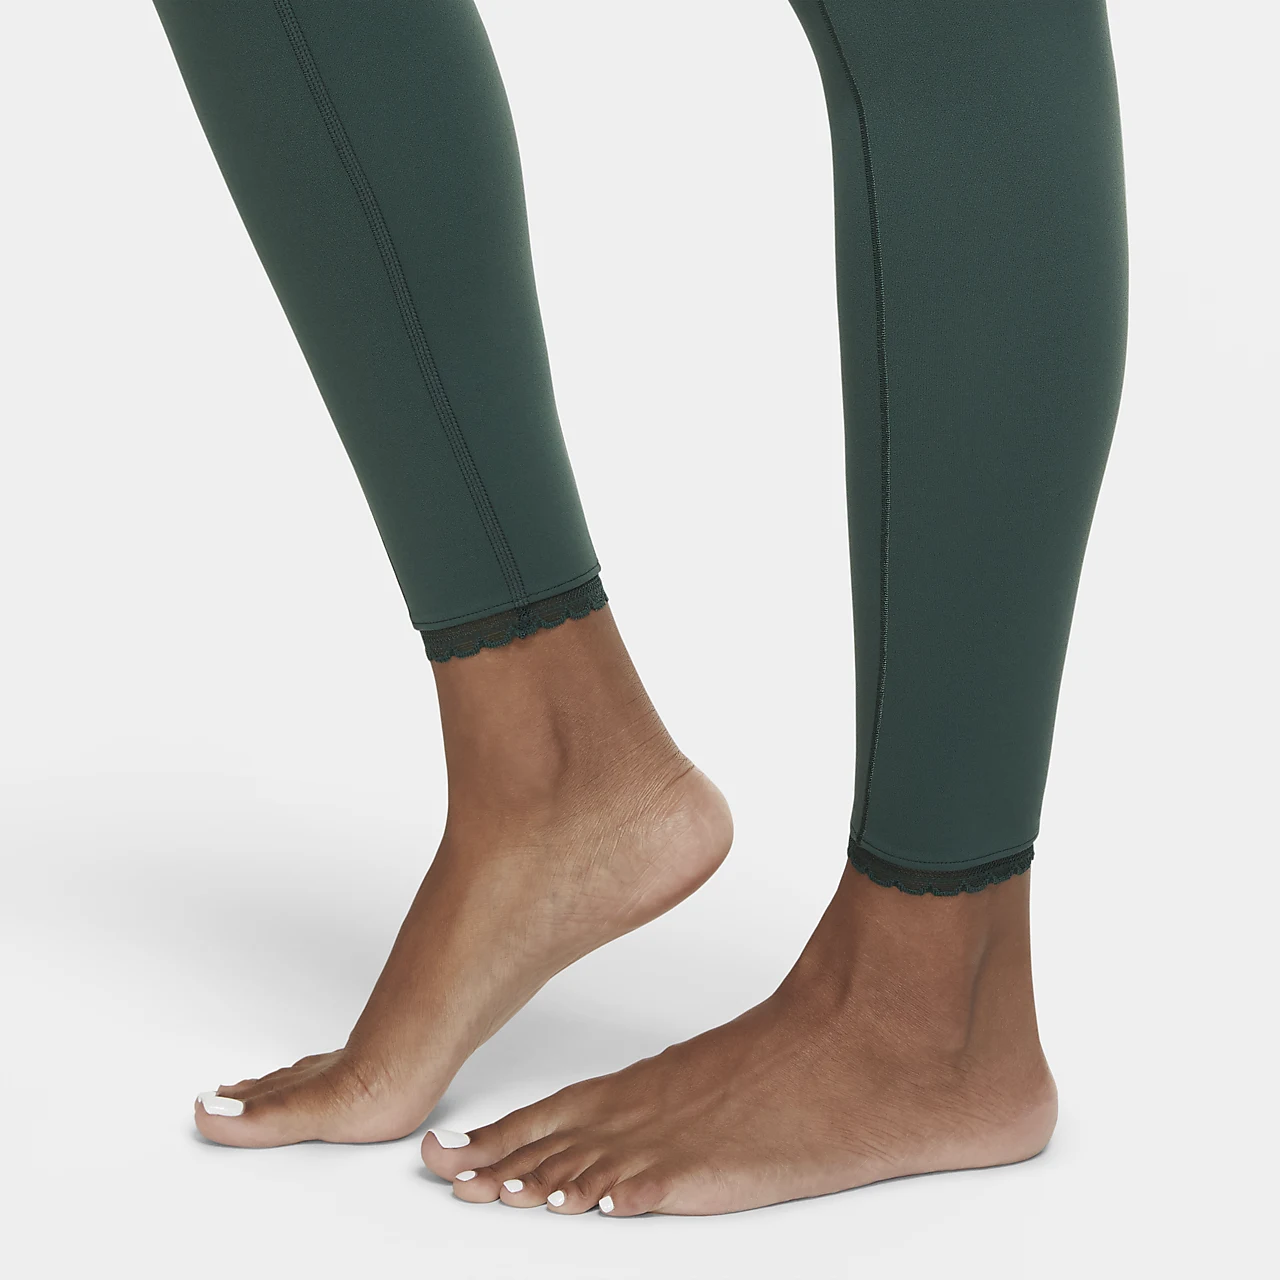 Nike Yoga Women's 7/8 Tights CU6306-397